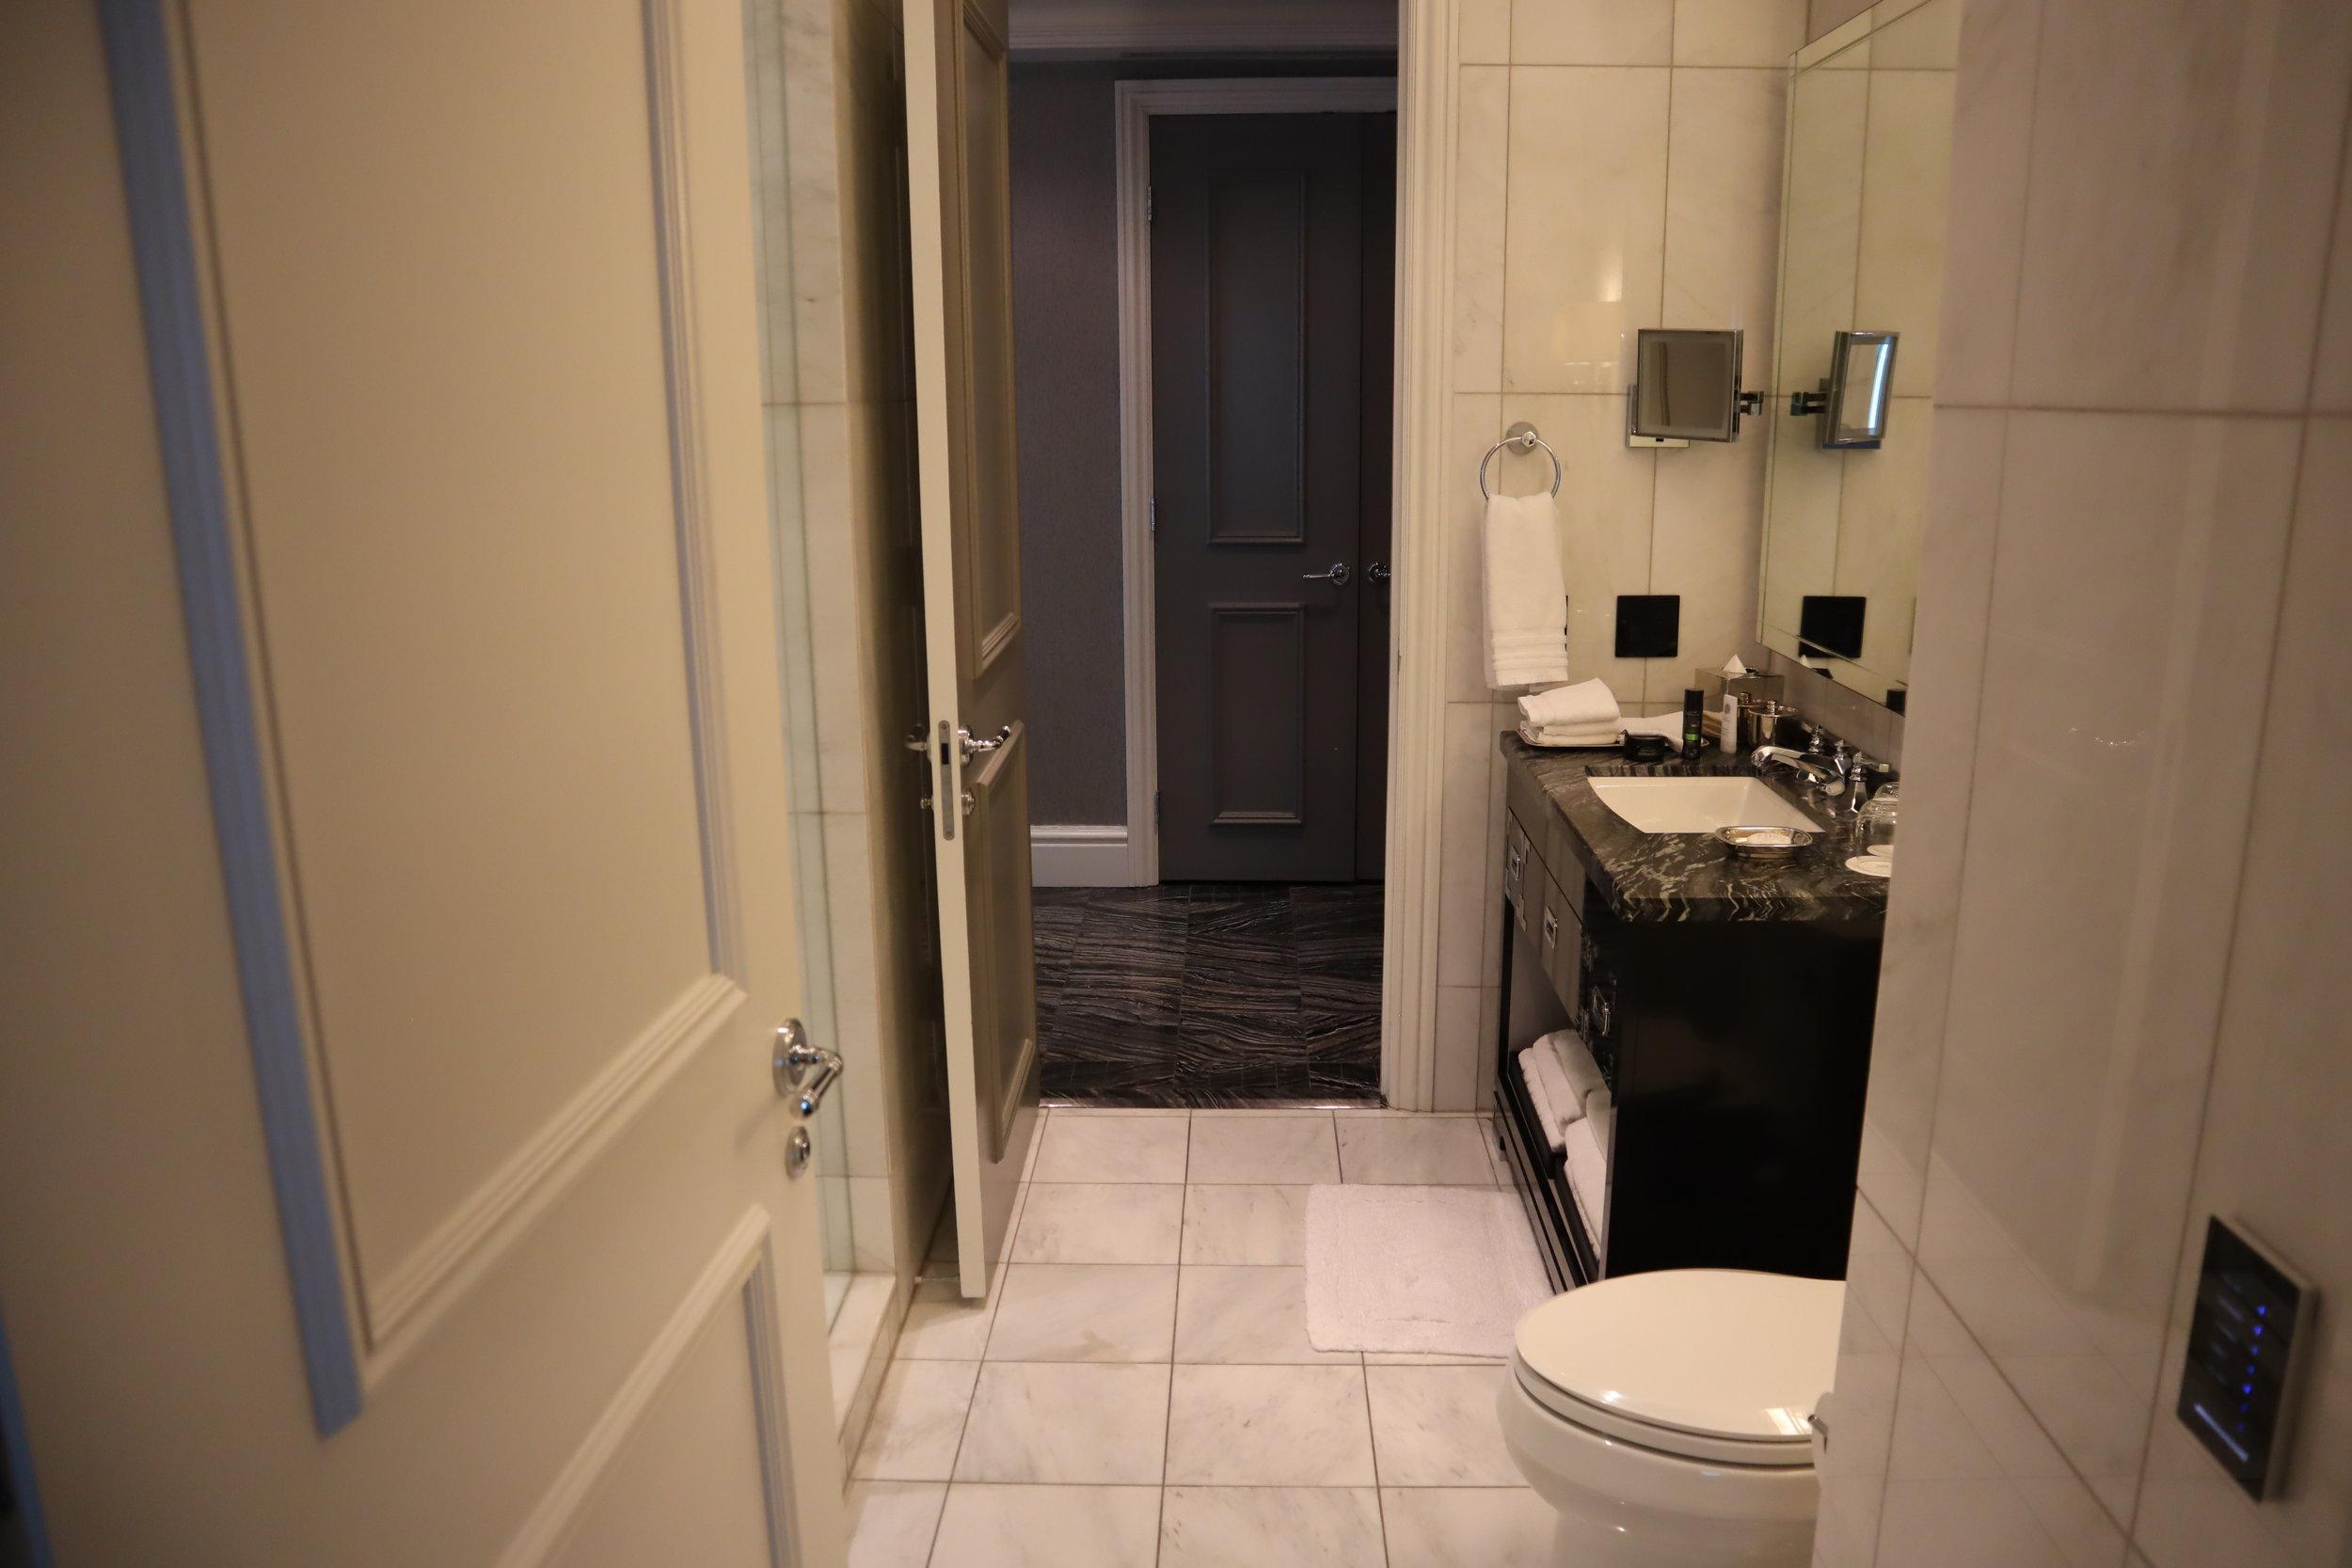 St. Regis Toronto – Two-bedroom suite guest bathroom